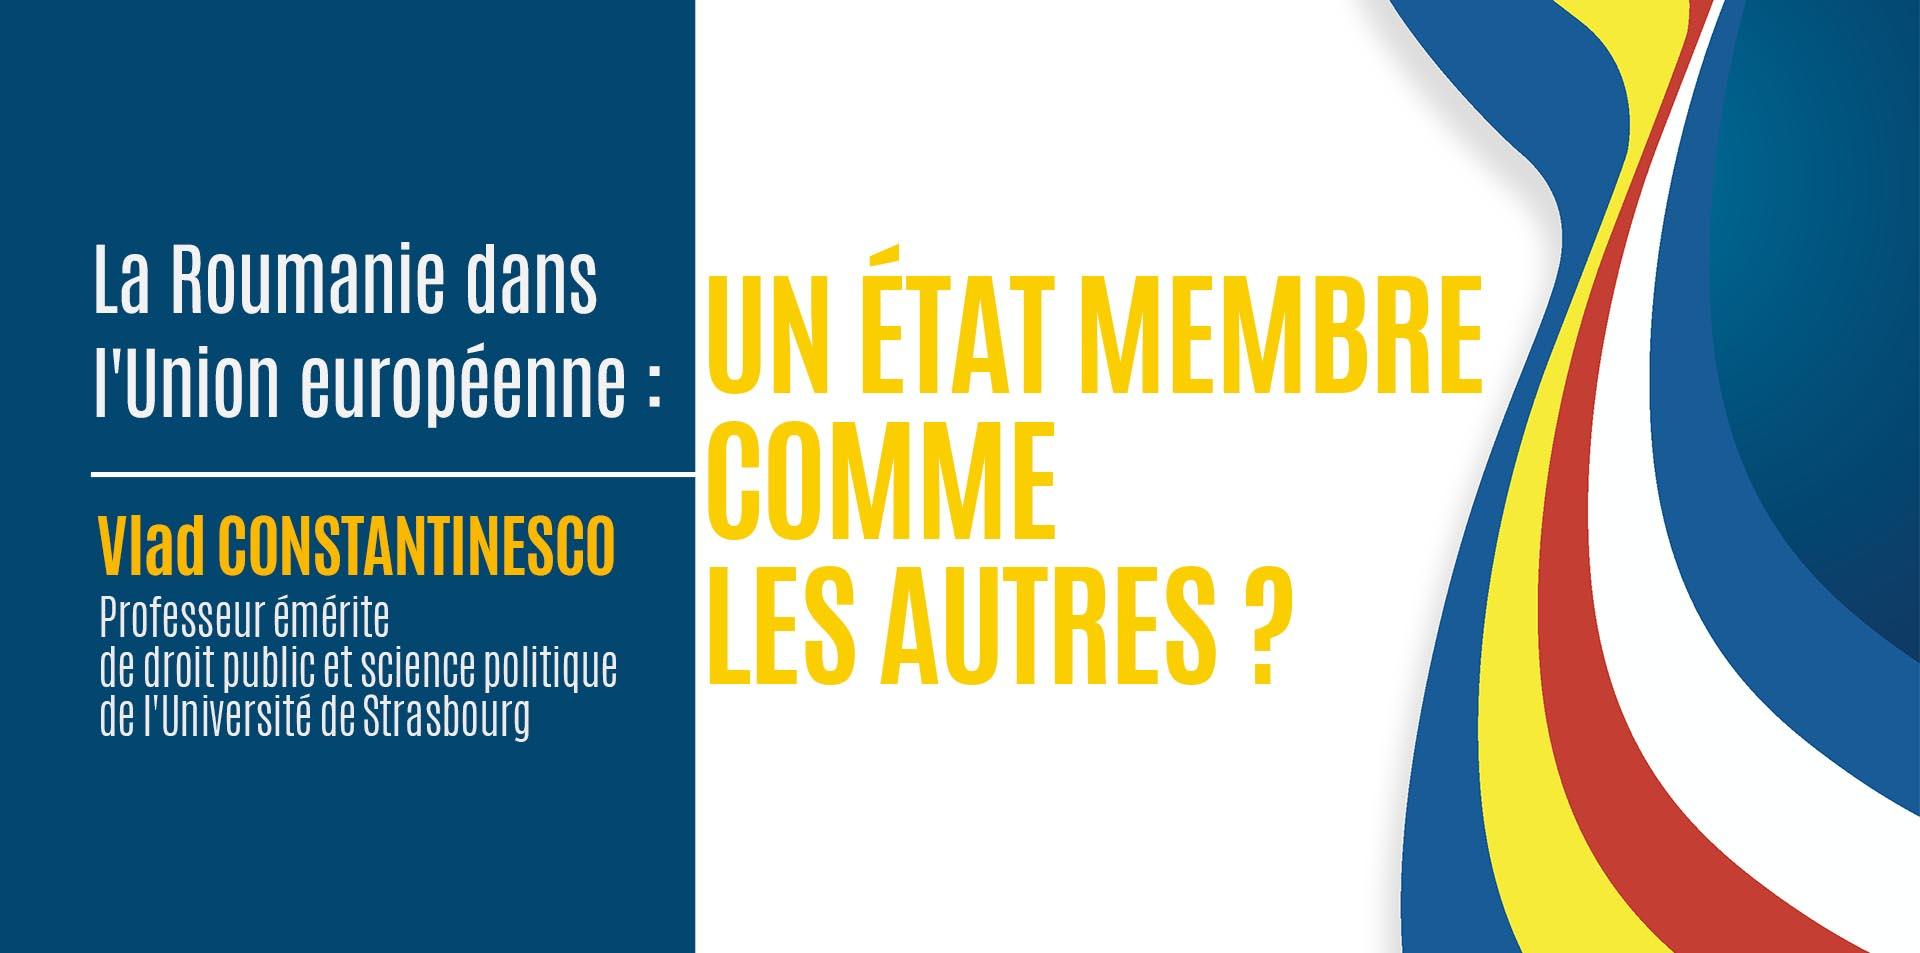 Conférence de Vlad CONSTANTINESCO, Professeur émérite de l'Université de Strasbourg